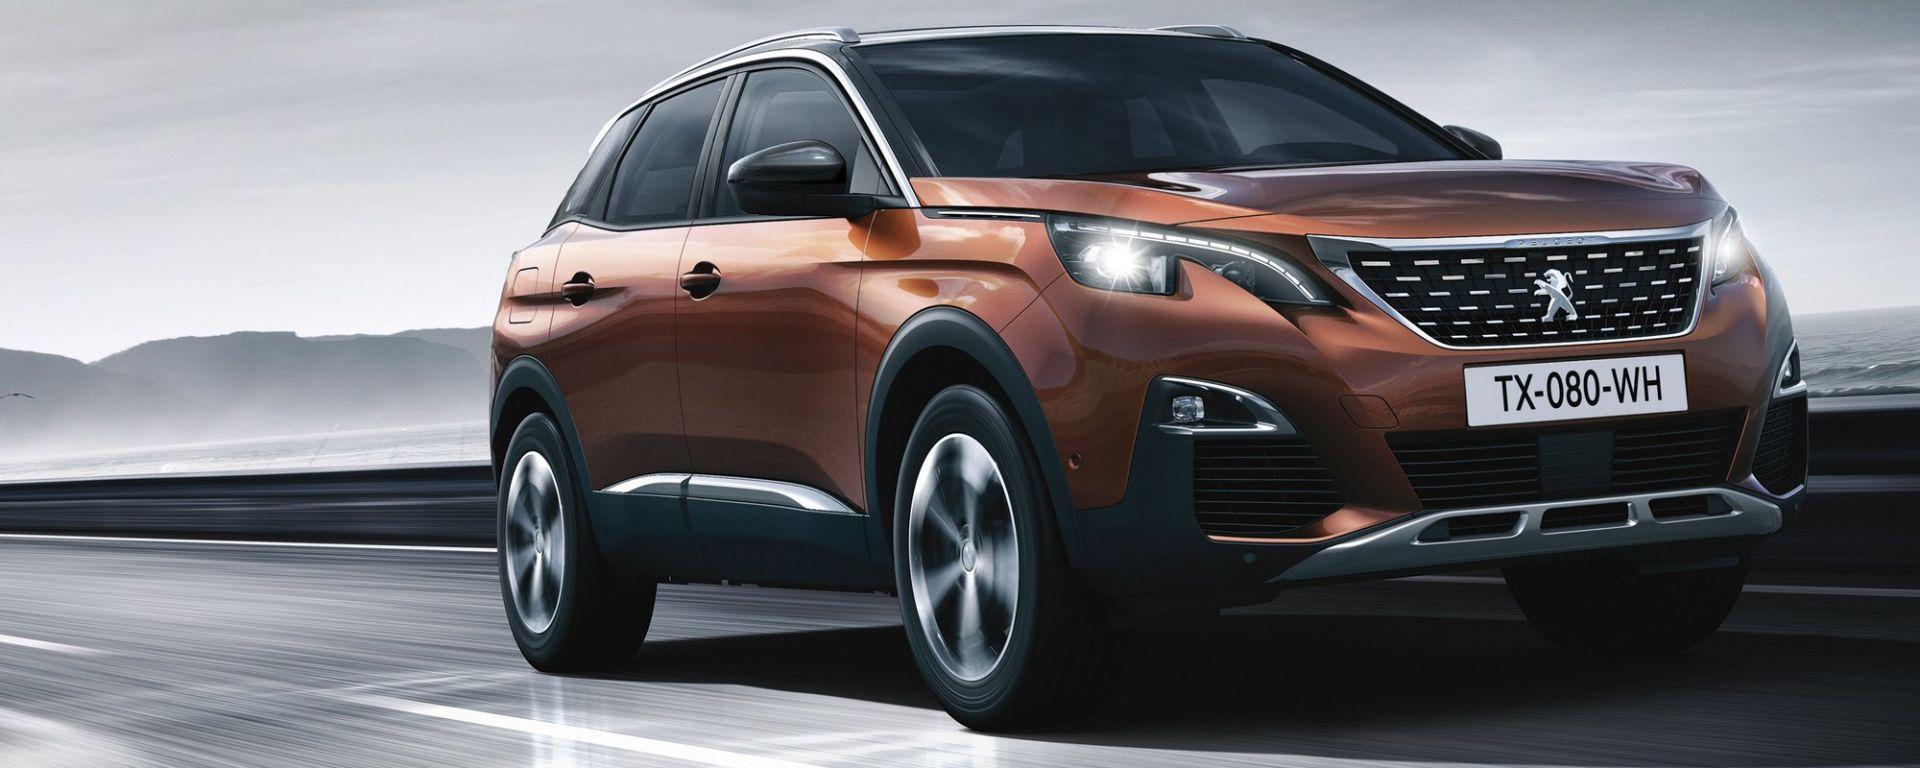 Nuova Peugeot 3008: prova, dotazioni, prezzi